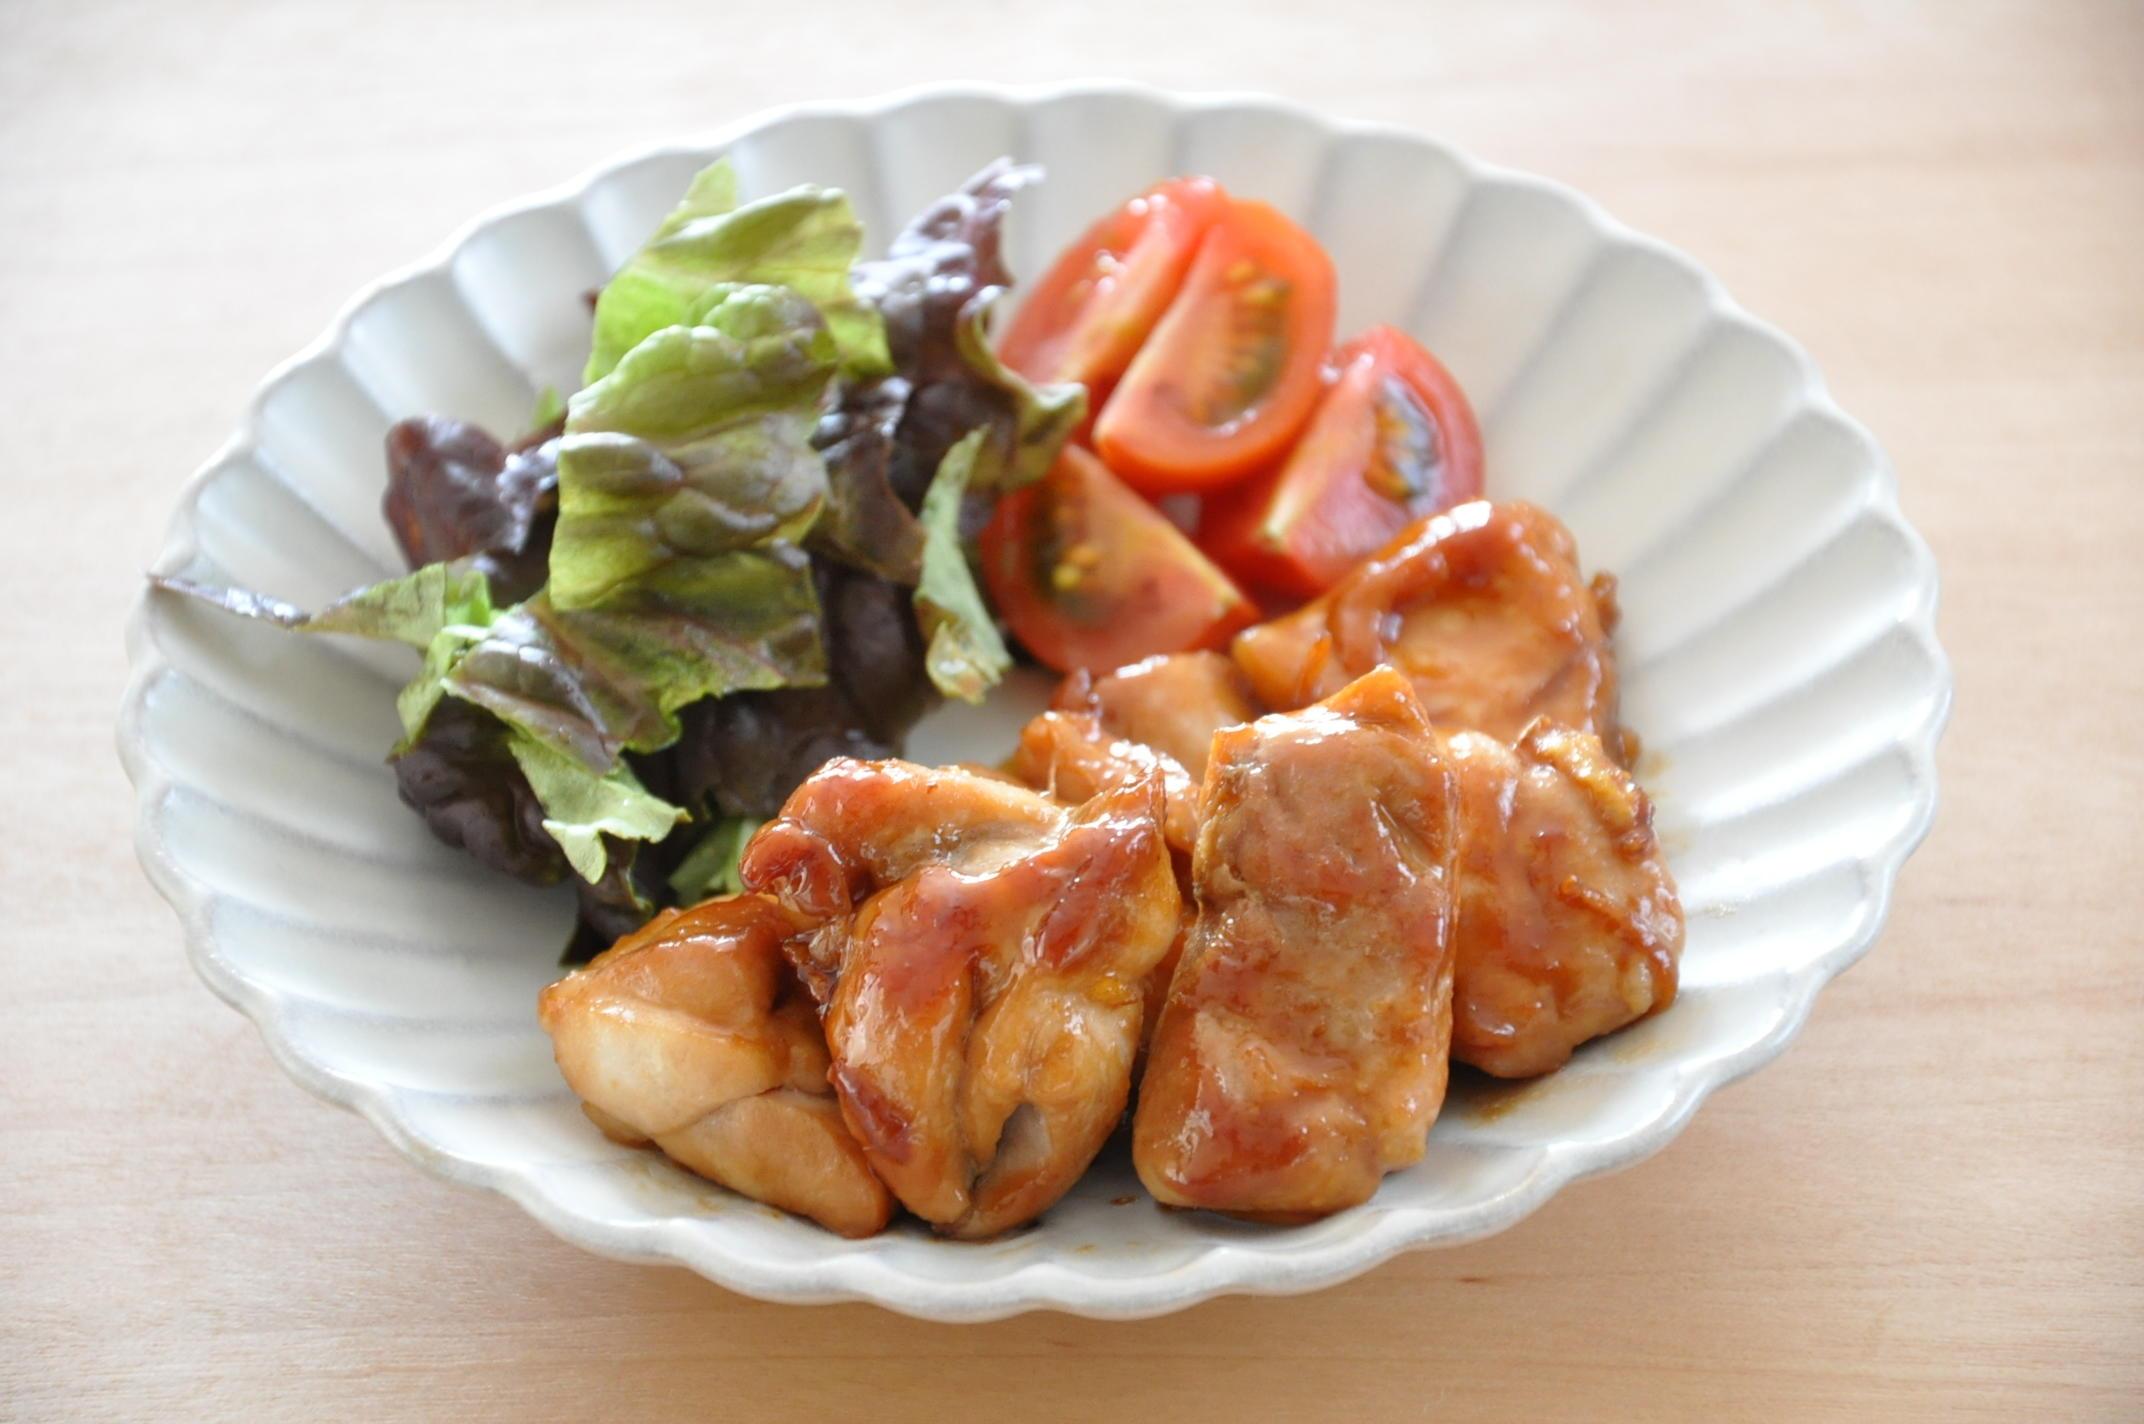 甘辛味がごはんにぴったり♪お弁当おかずにもおすすめ「鶏肉の照り焼き」